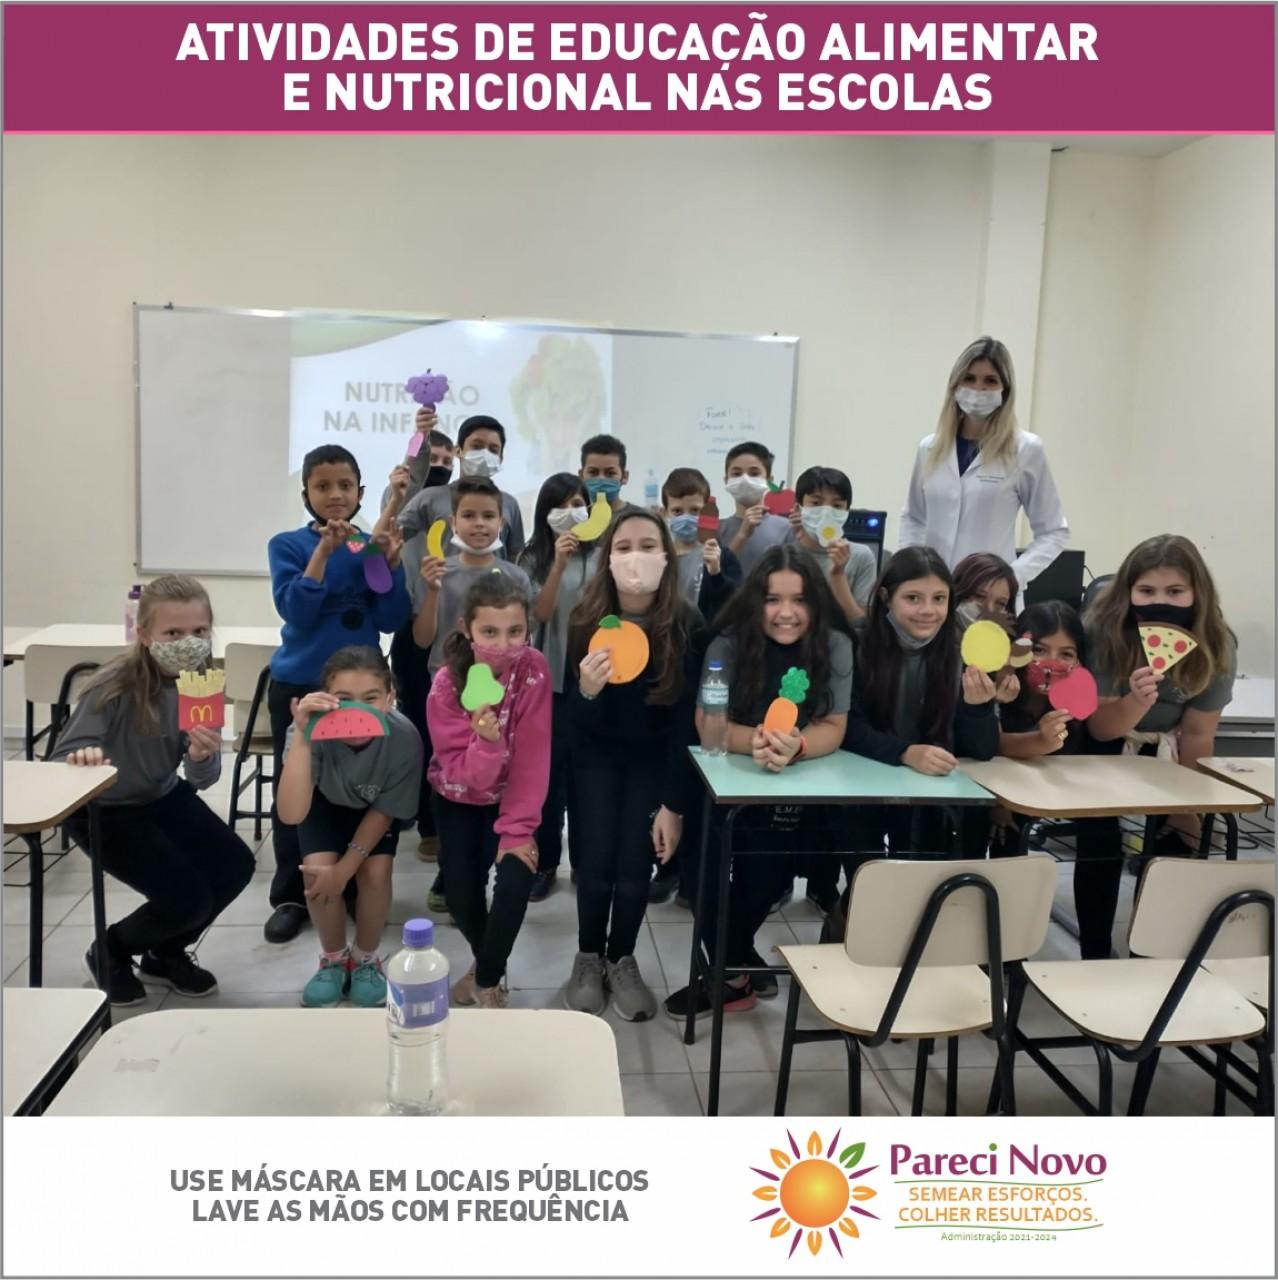 Atividades de educação alimentar e nutricional nas escolas